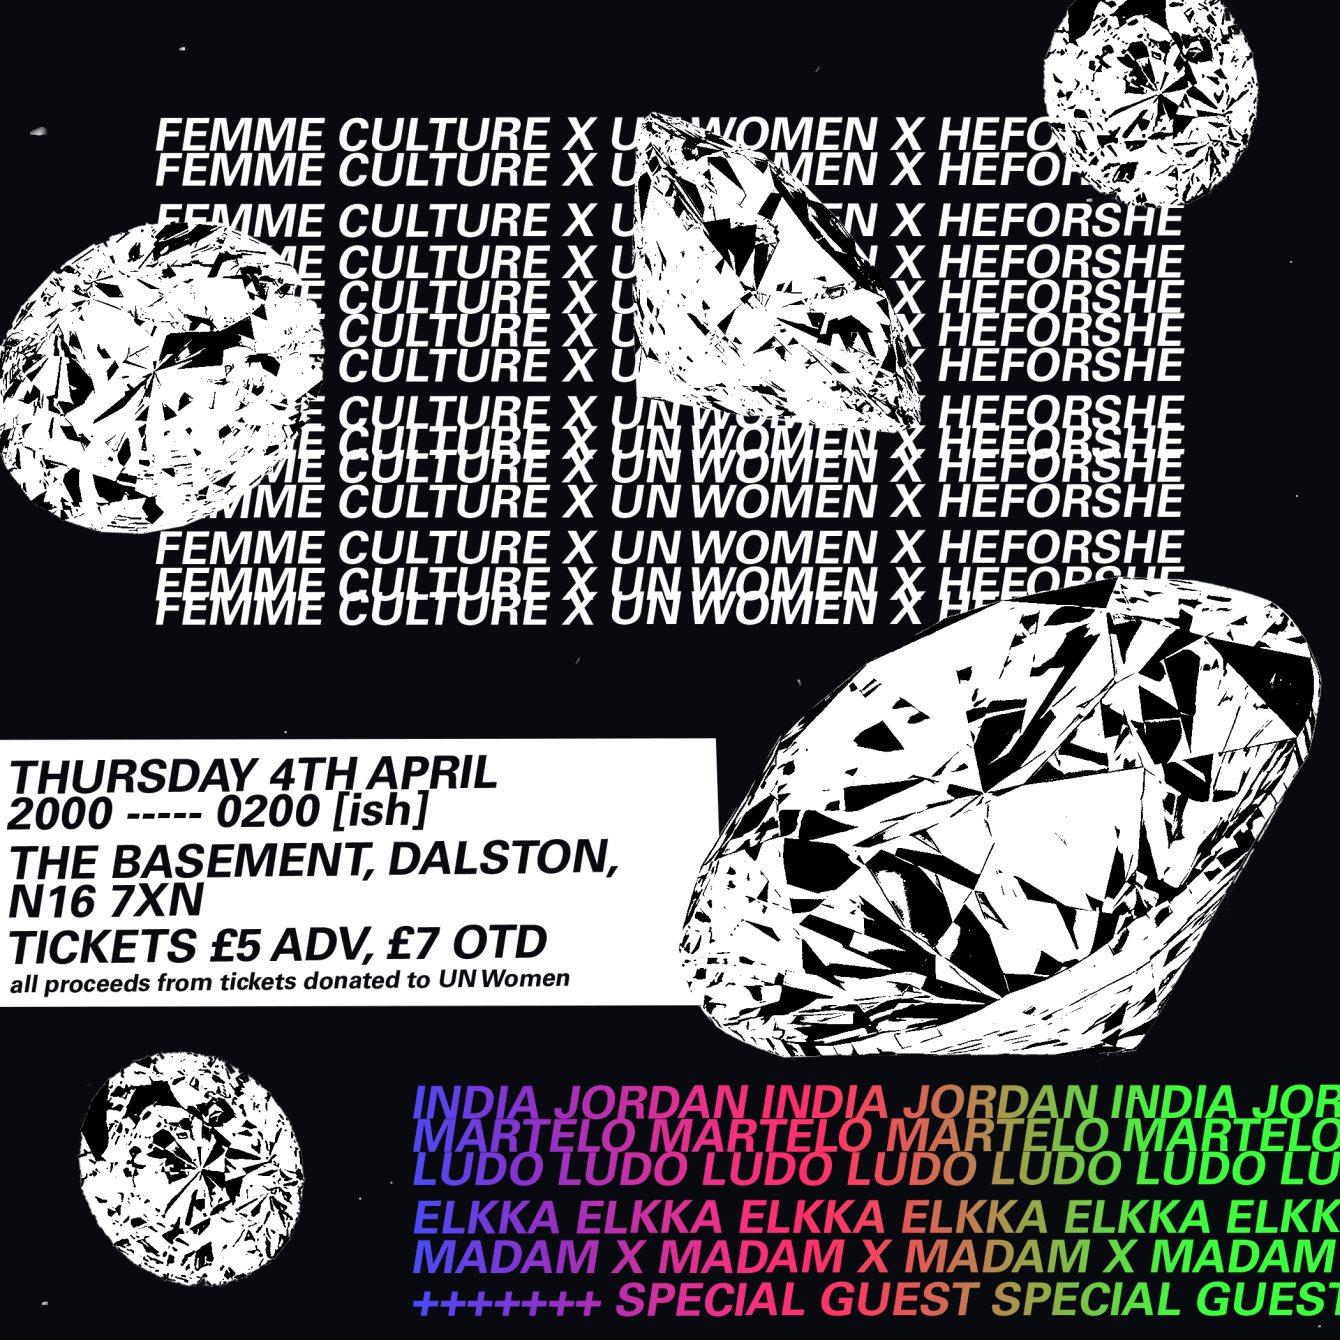 Heforshe x femme culture Vol. 2 - Flyer front